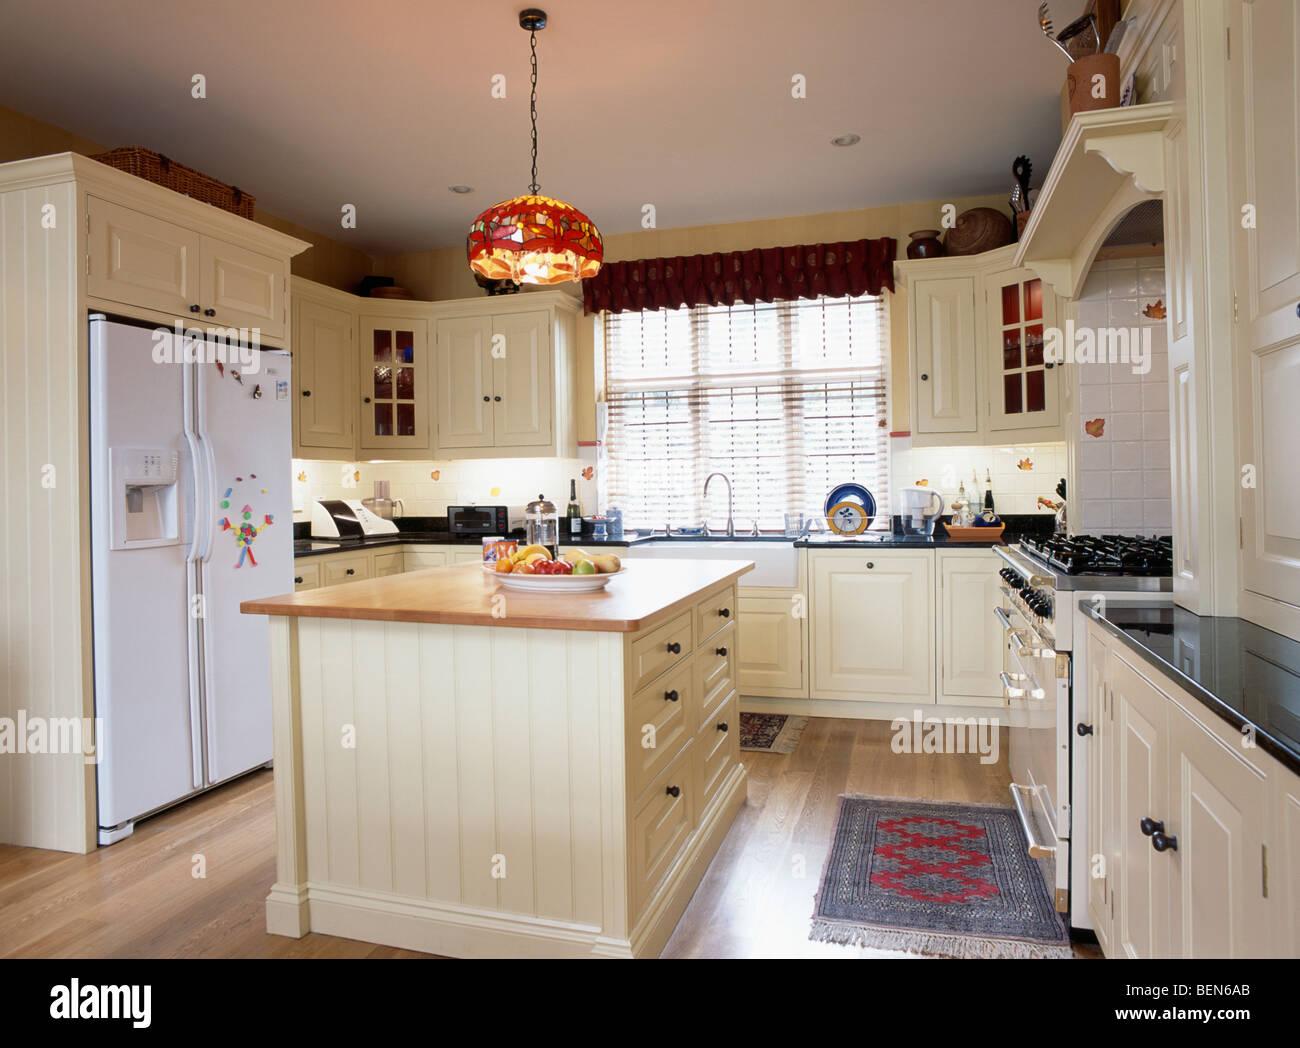 Amerikanischer Kühlschrank Umbauschrank : Einbauschrank kühlschrank gastro kühlschrank gebraucht britton